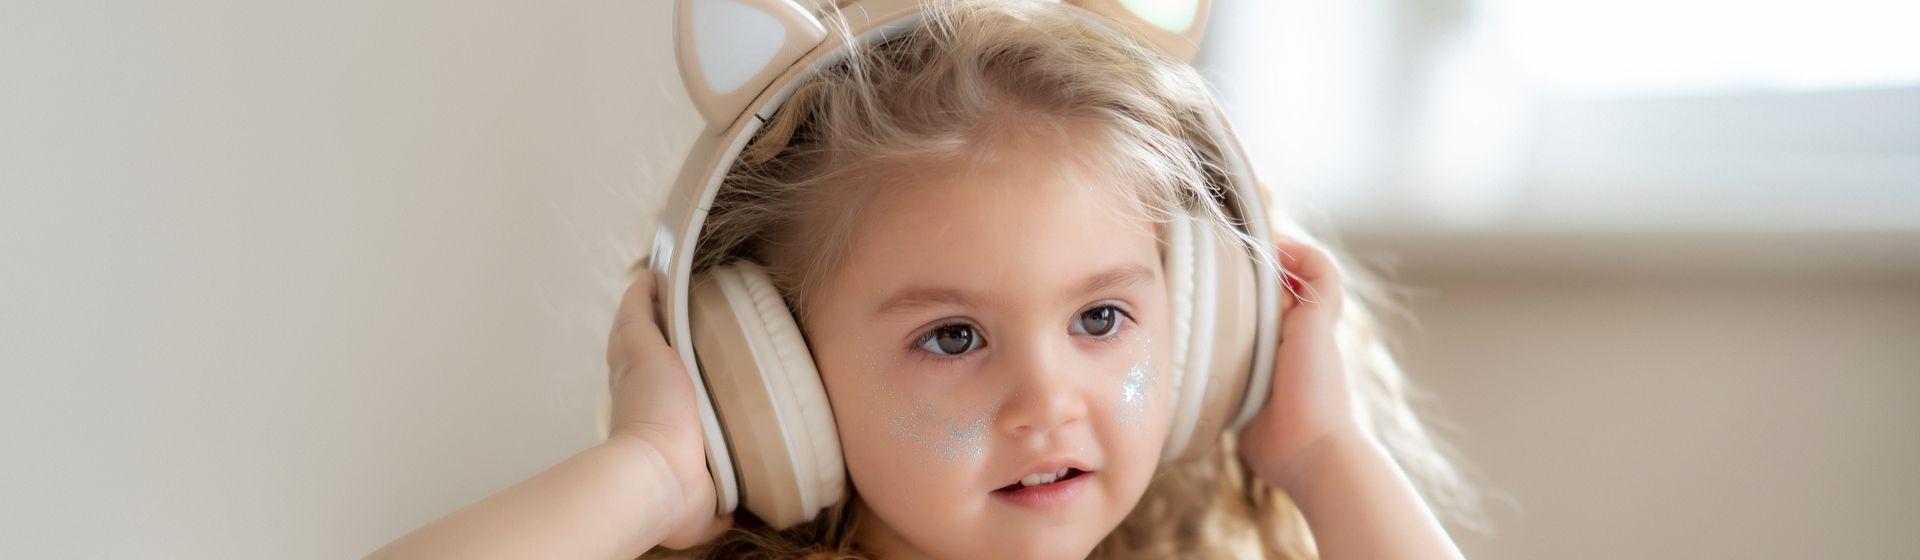 Fone de ouvido infantil: melhores opções para comprar em 2021